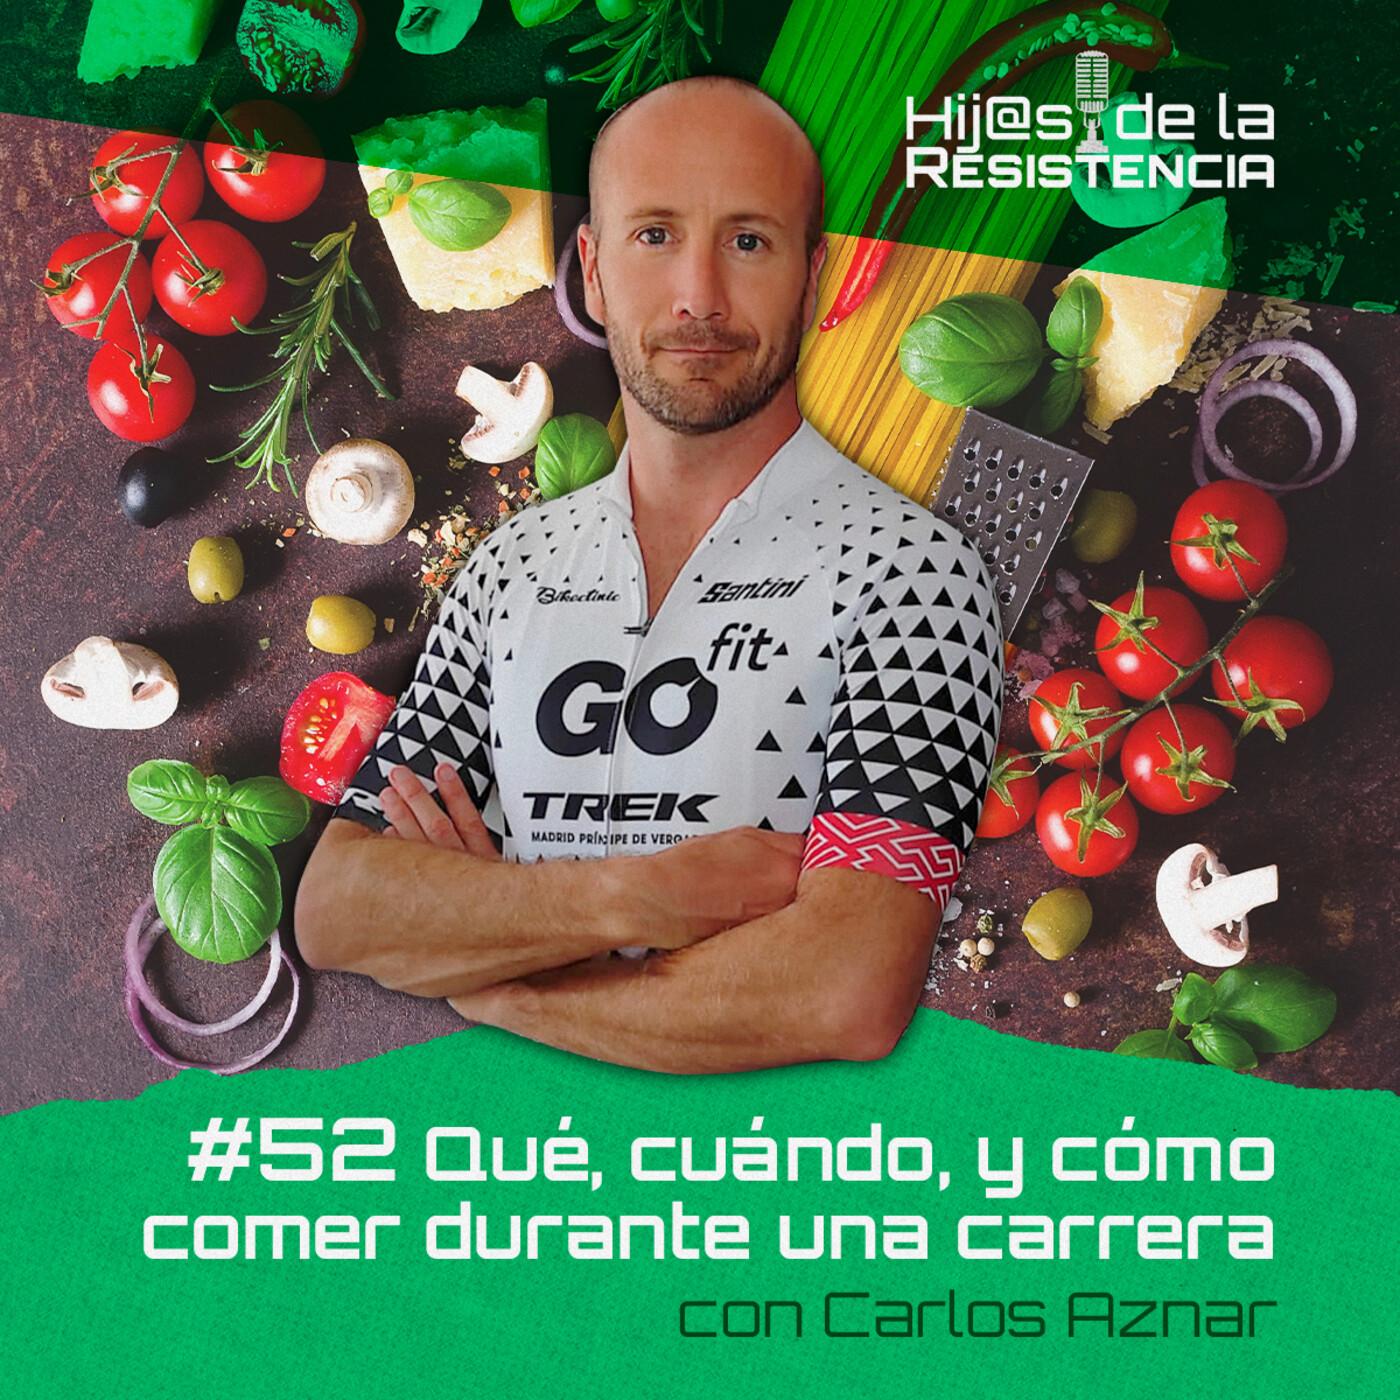 #52 Qué, cuándo y cómo comer durante una carrera, con Carlos Aznar